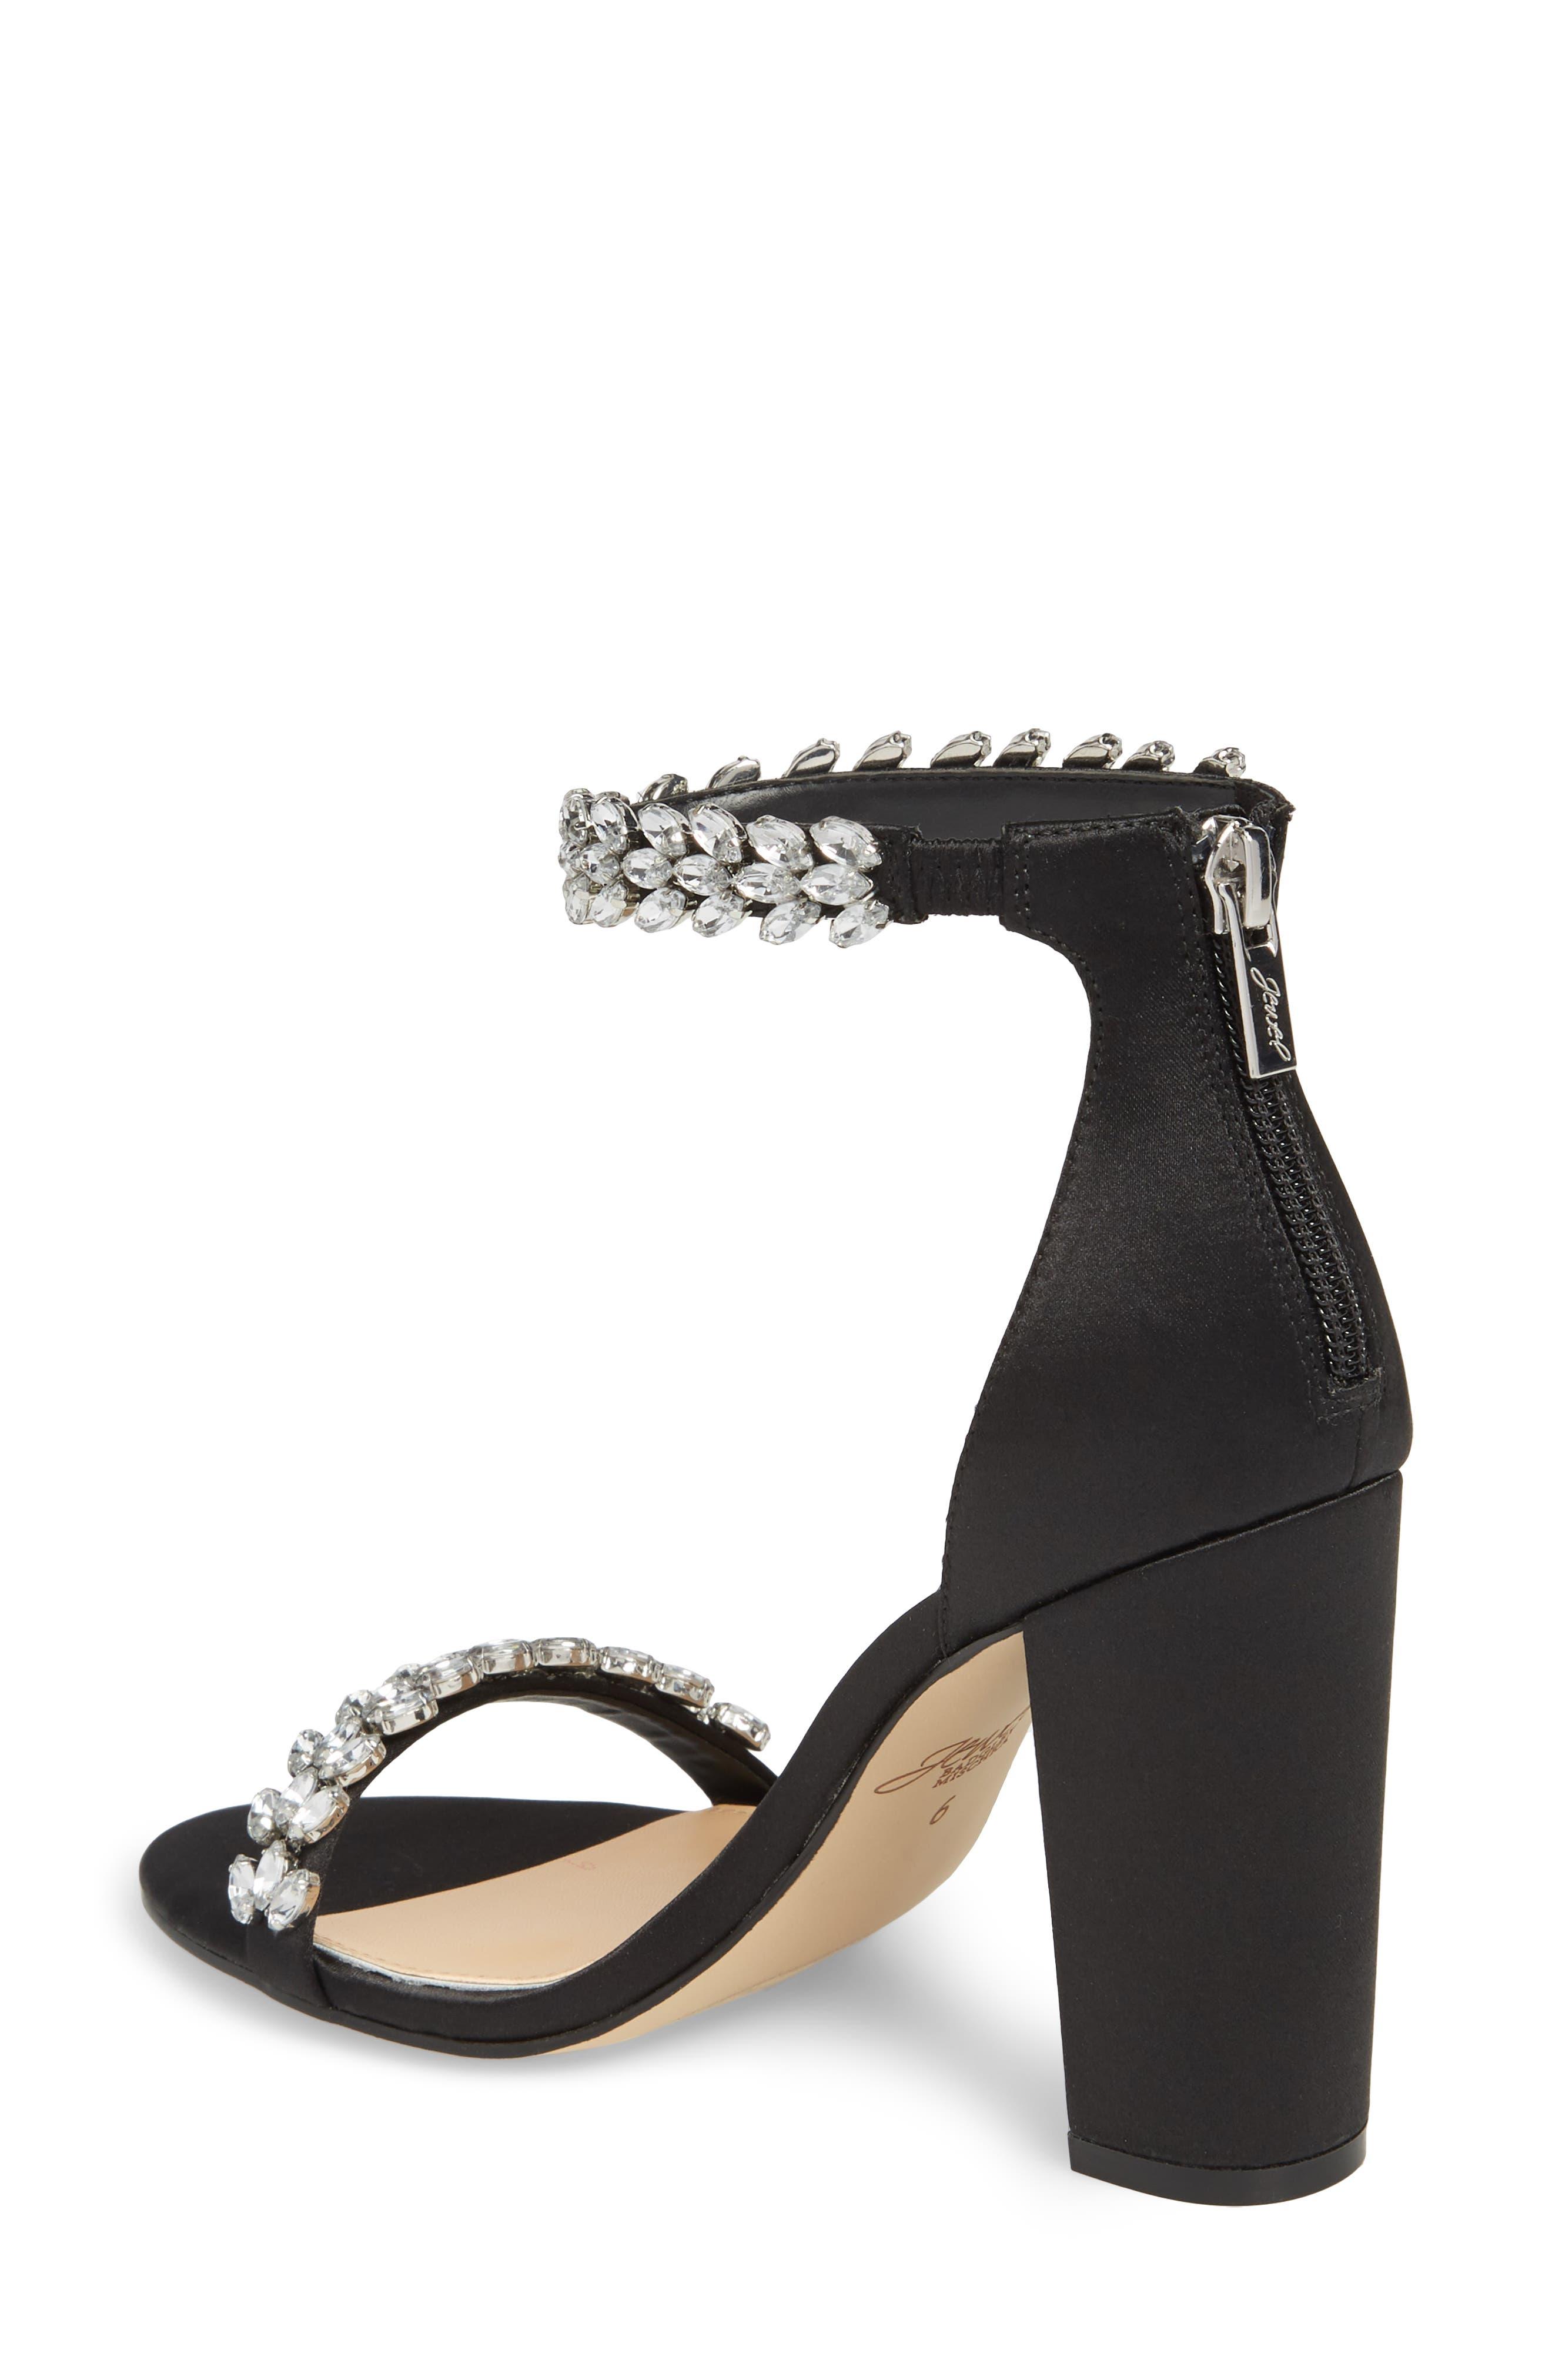 JEWEL BADGLEY MISCHKA,                             Jewel by Badgley Mischka Mayra Embellished Ankle Strap Sandal,                             Alternate thumbnail 2, color,                             BLACK SATIN